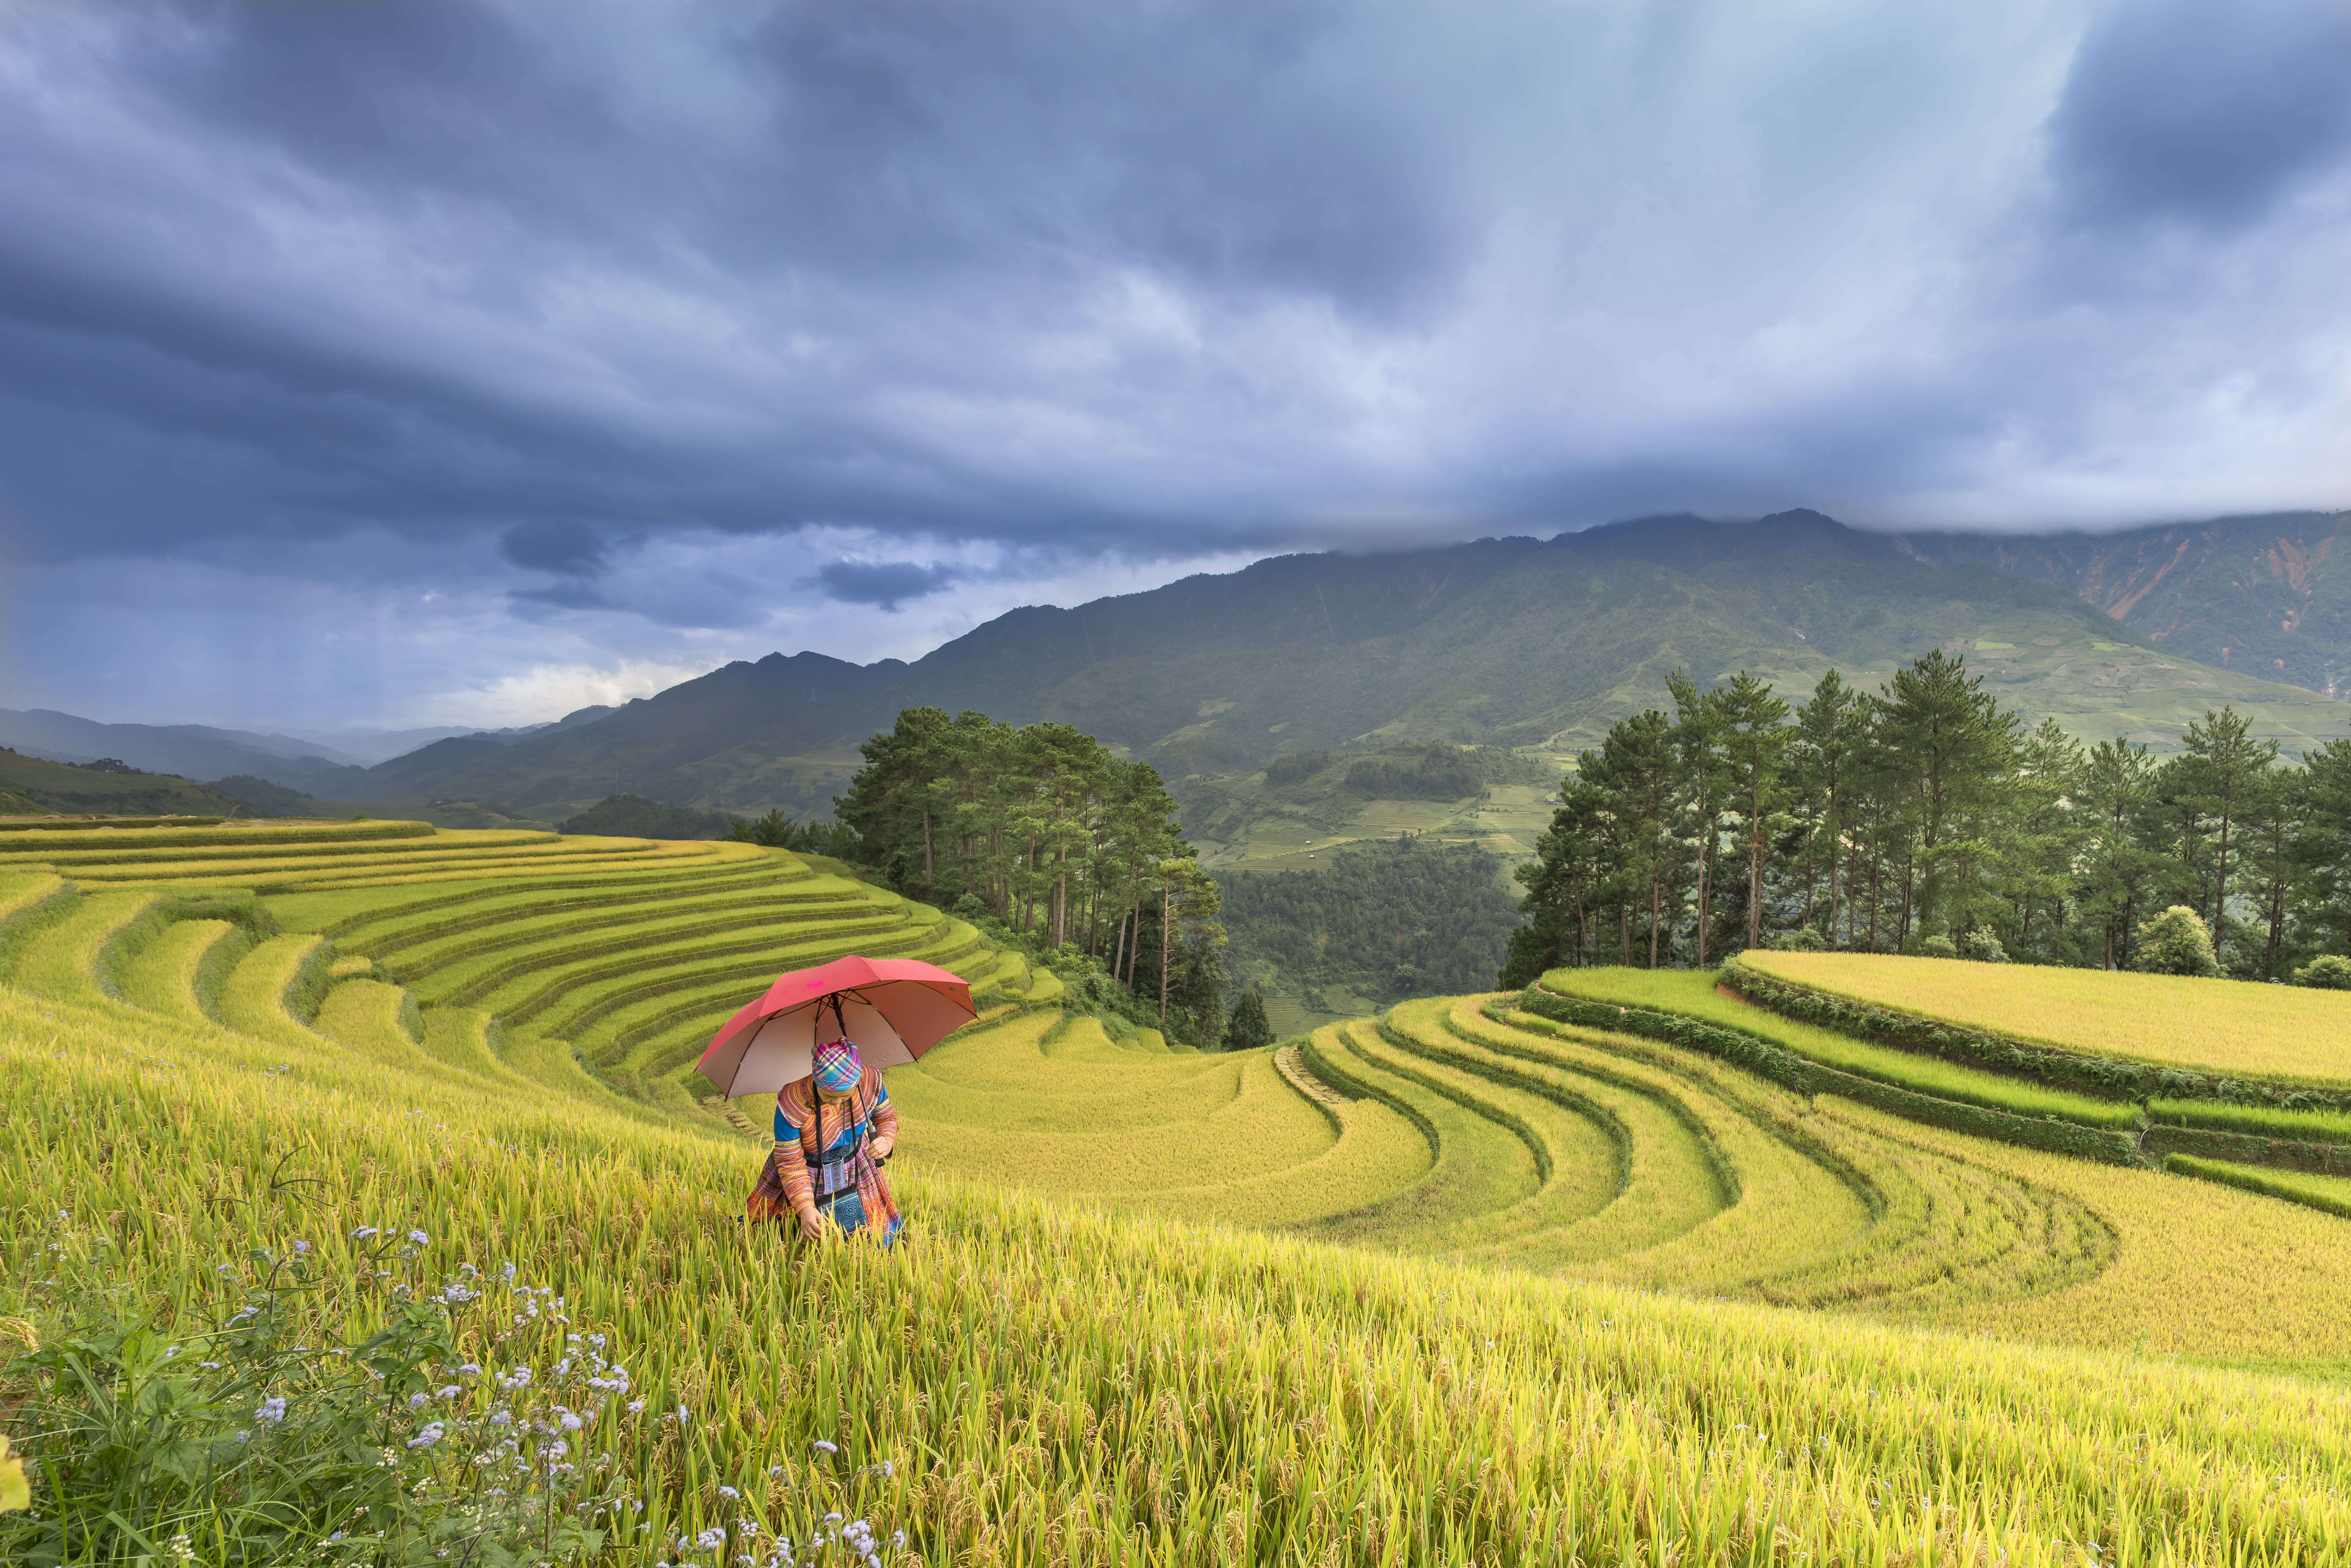 คลังภาพถ่ายฟรี ของ กลางแจ้ง, การเกษตร, การเจริญเติบโต, ข้าว